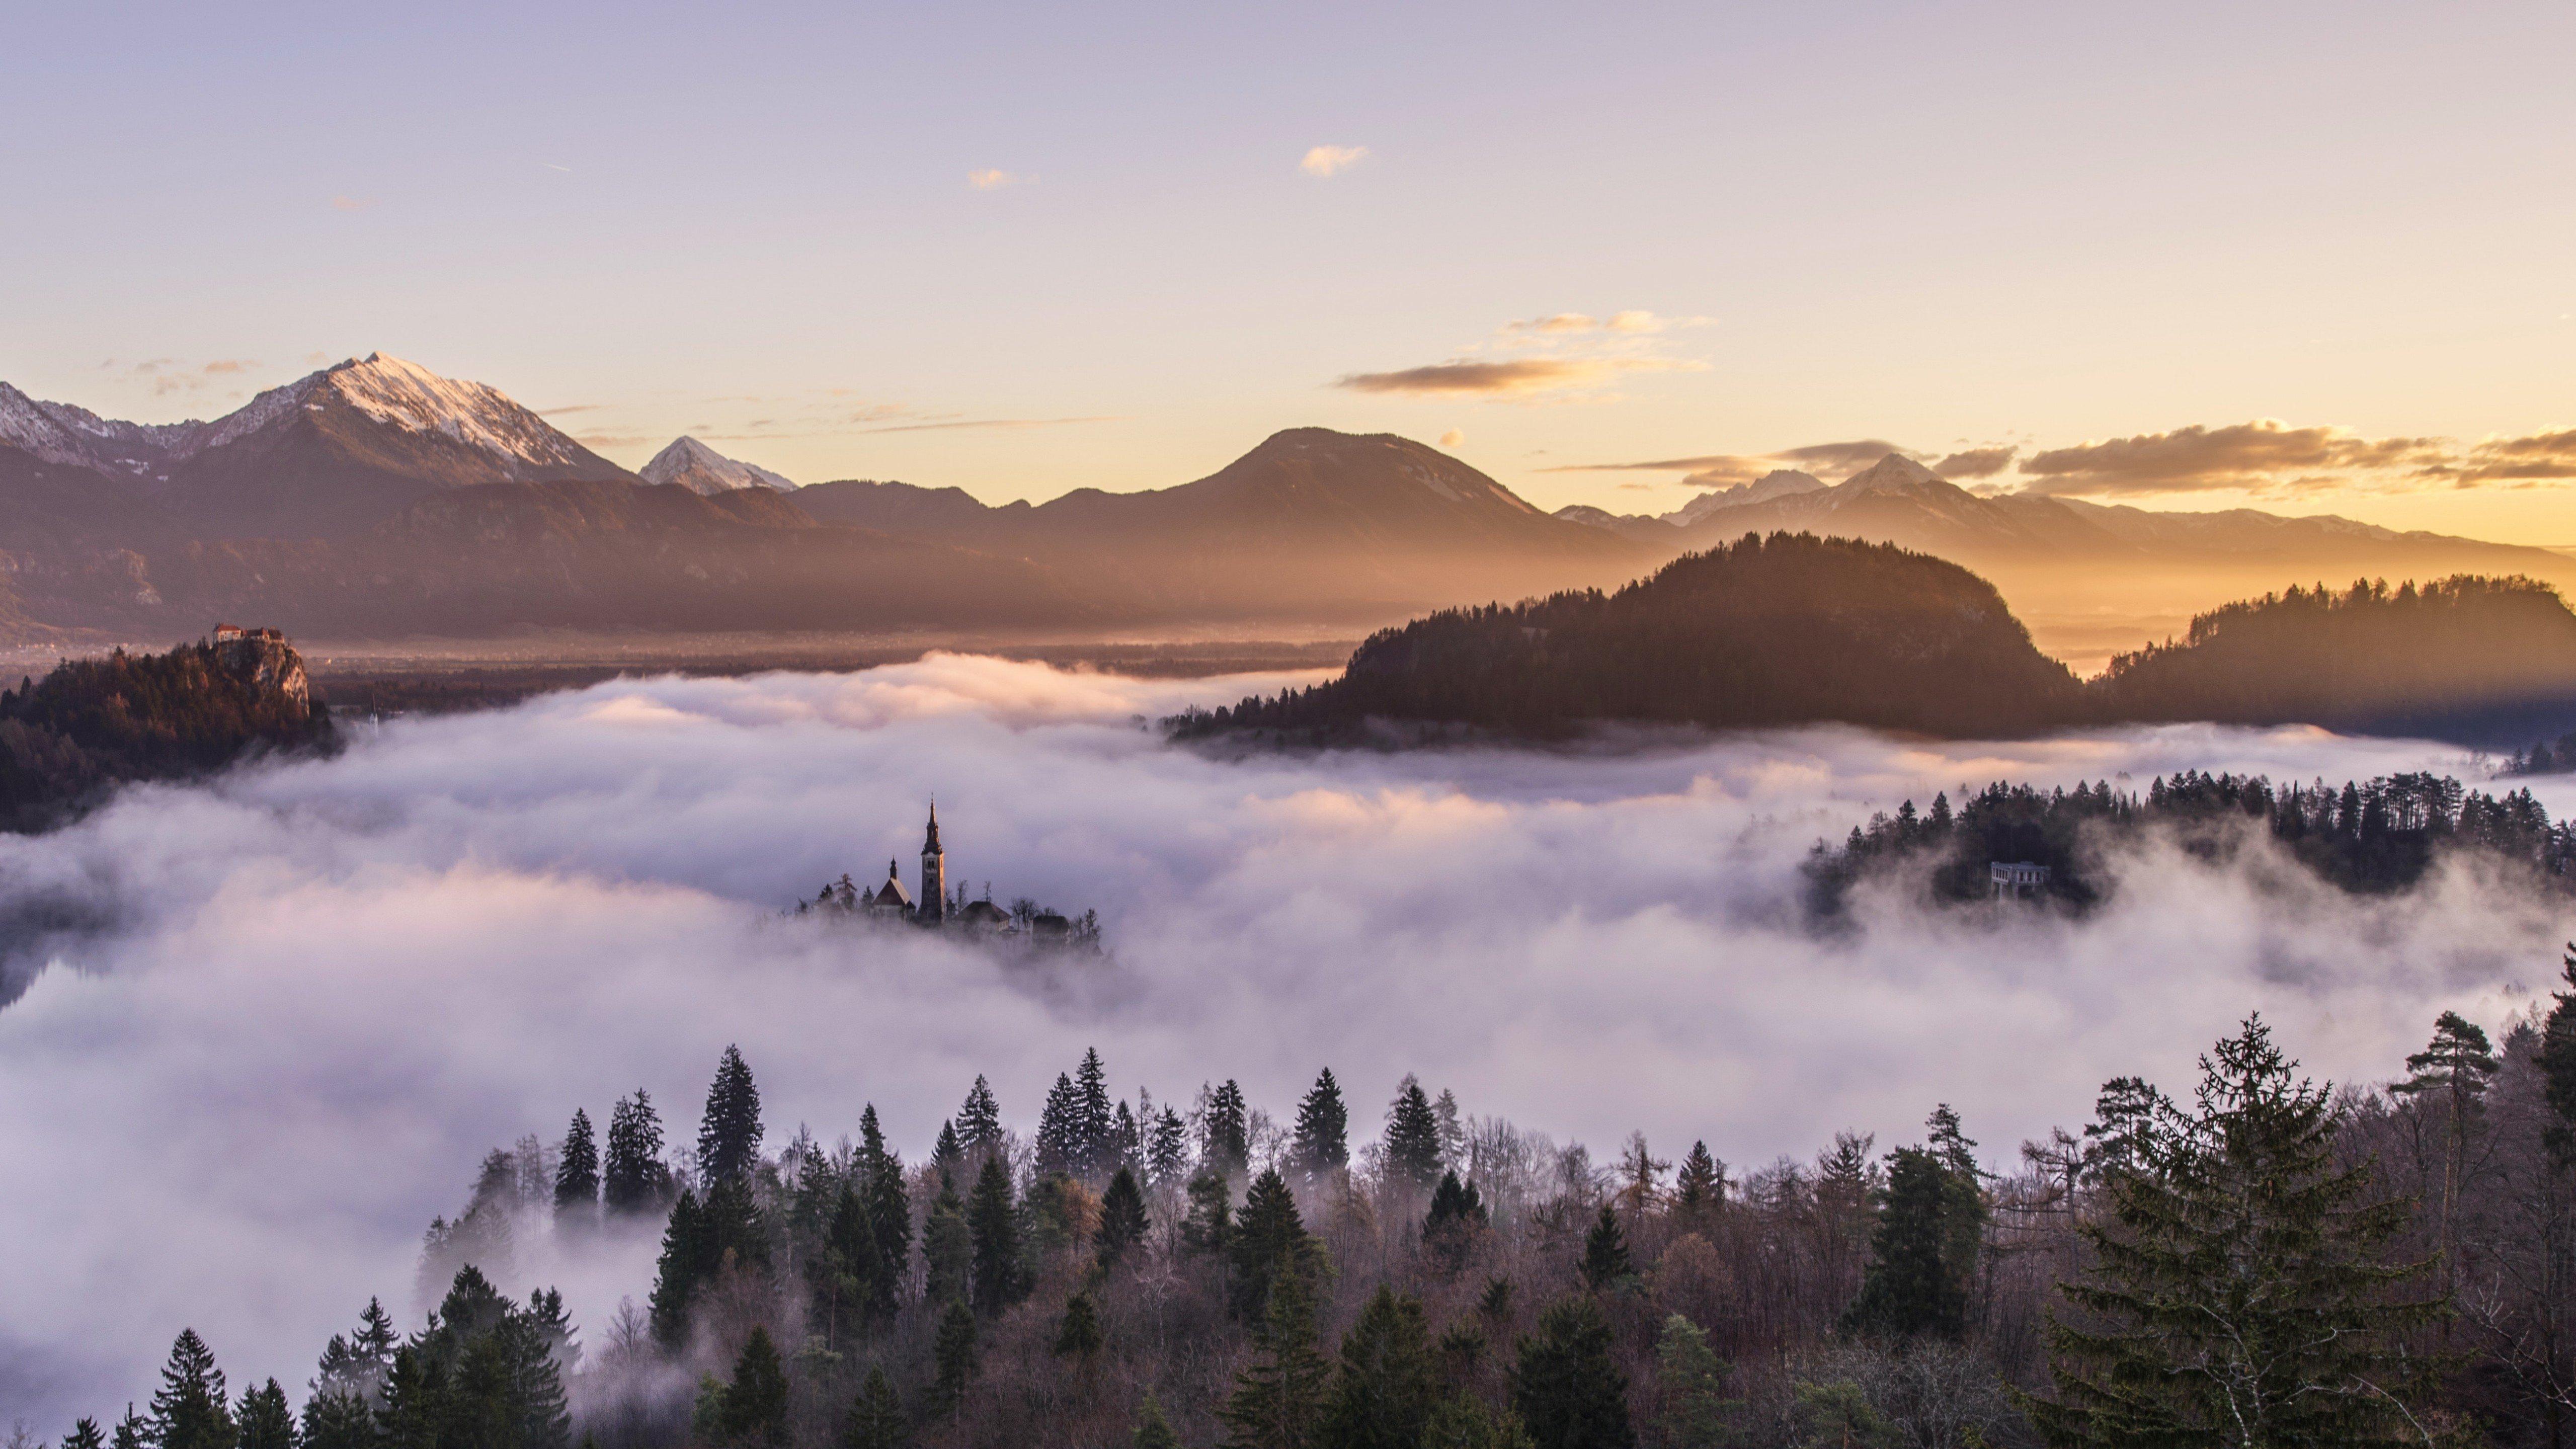 Fondos de pantalla Bosque y montañas entre la niebla